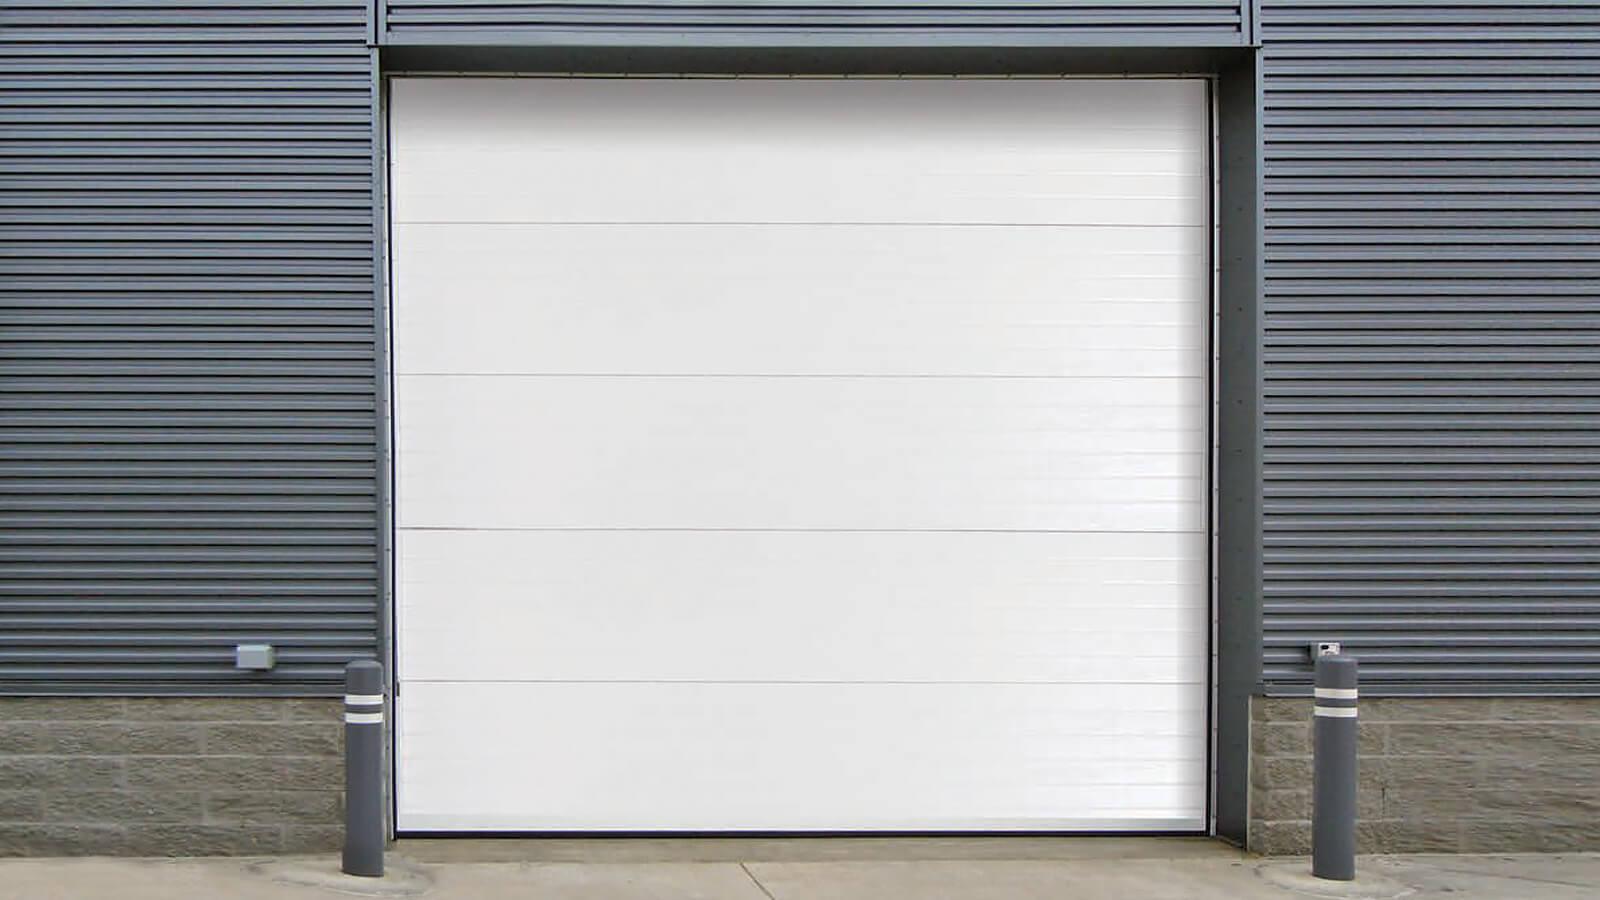 Insulated Sectional Steel Garage Door